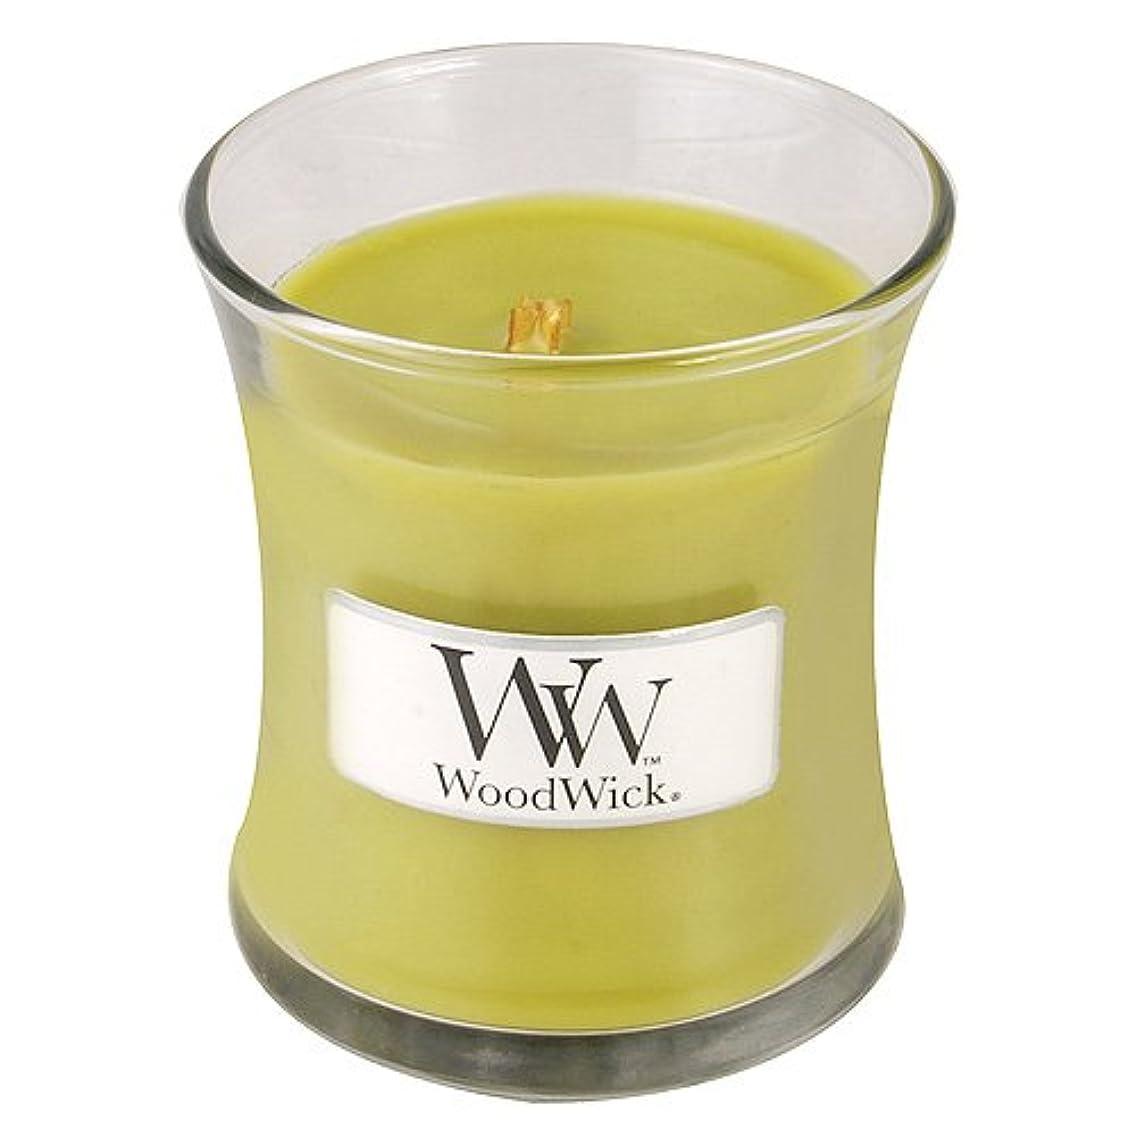 素朴なファン兵器庫イブニングBonfire Mini WoodWick Candle